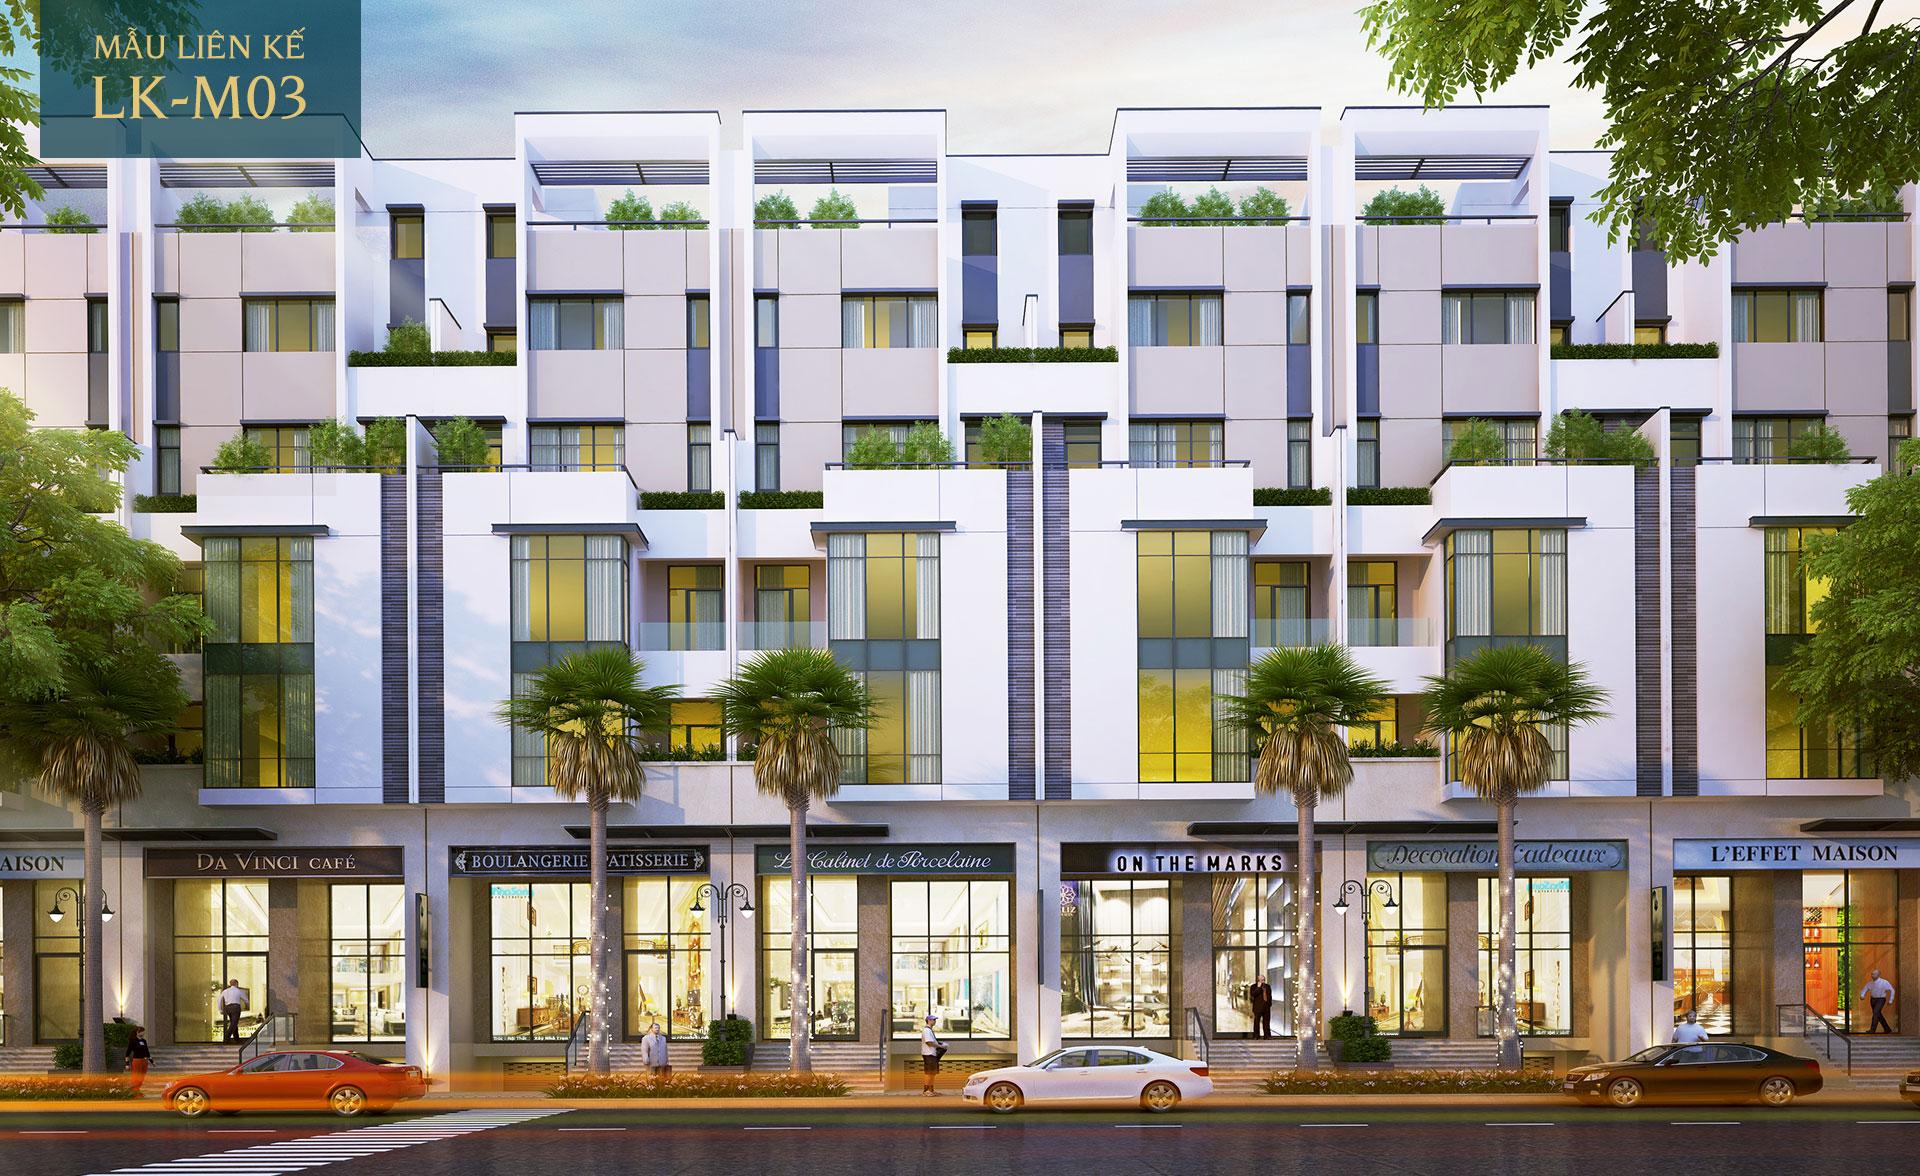 Mẫu nhà phố liên kế LK-M03 Saigon Mystery Villas Quận 2